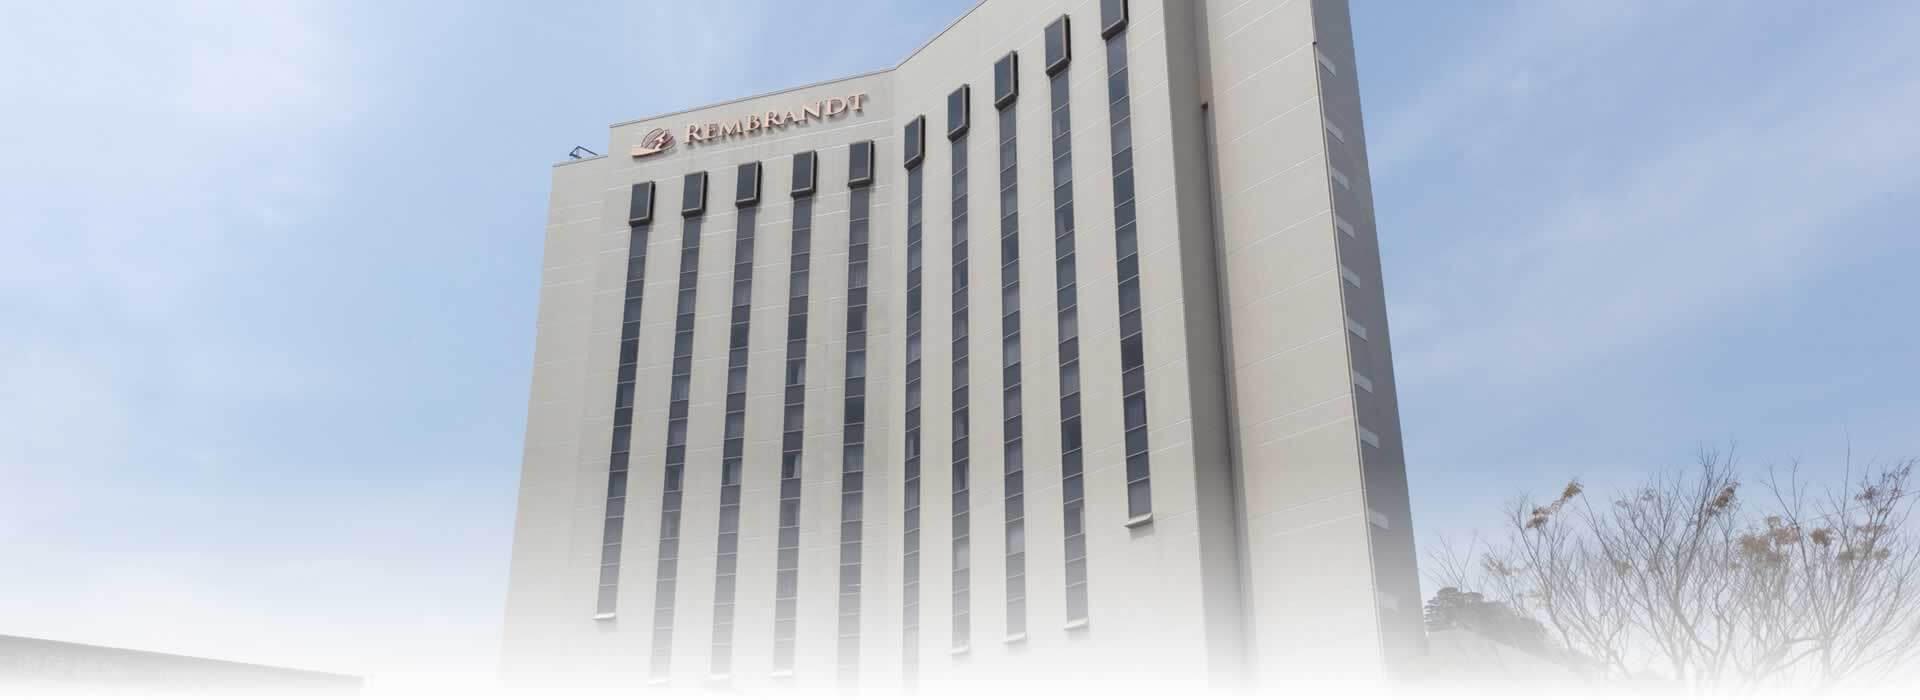 交通・アクセス|レンブラントホテル大分【公式】レンブラントグループホテル